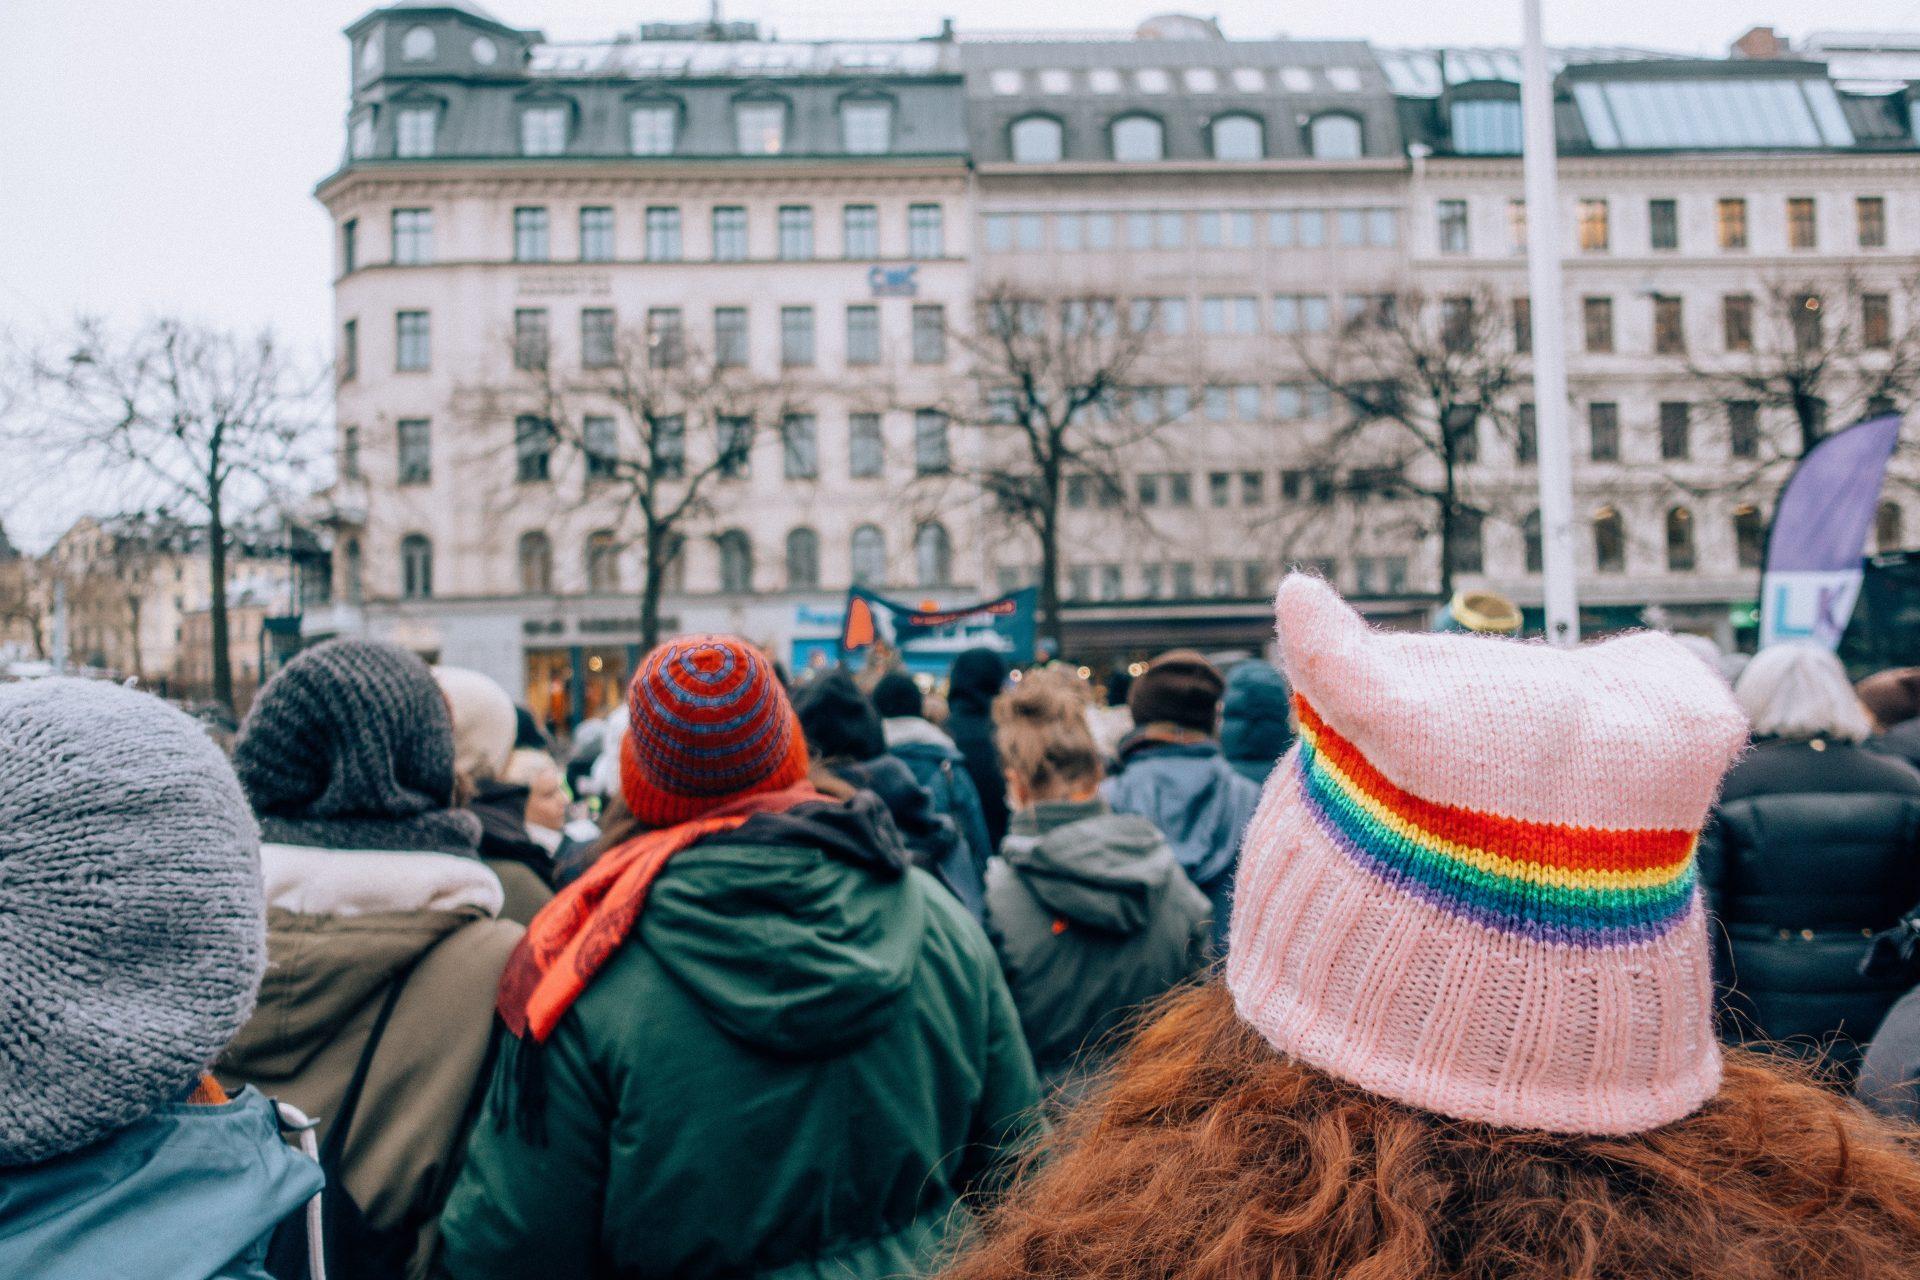 Veranstaltungen am Weltfrauentag in München